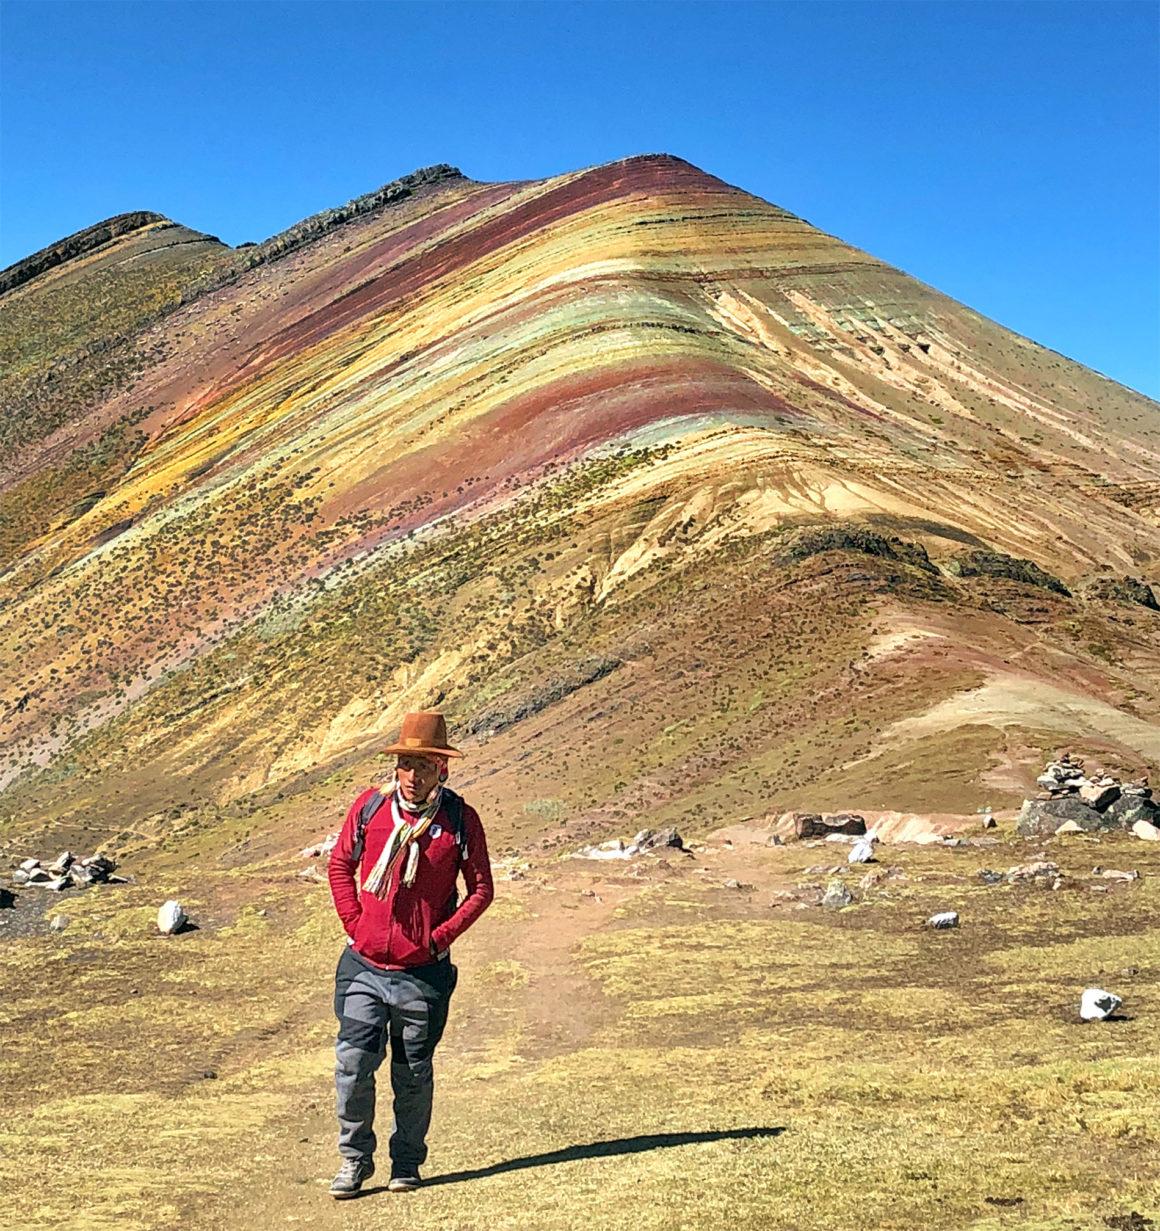 Ruta por Perú en dos semanas ruta por perú en dos semanas - montana colores palcoyo vinicunca peru cusco 21 1160x1231 - Nuestra Ruta por Perú en dos semanas : Diario de Viaje a Perú